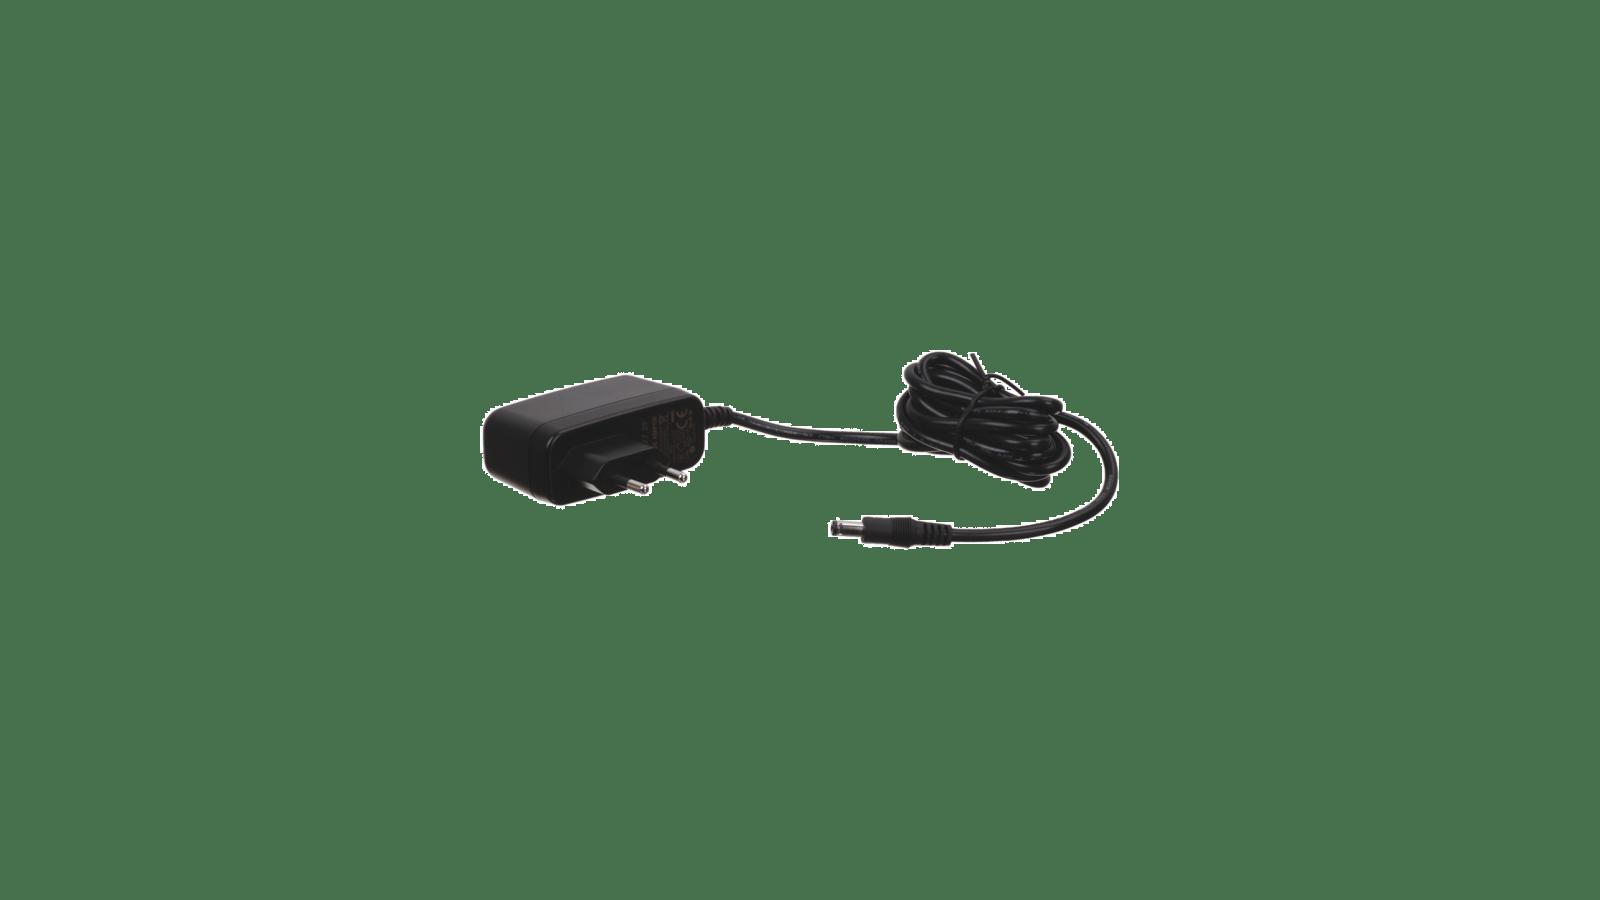 Adaptateur Secteur Alimentation Chargeur 18V Pour aspirateur balai sans fil Unlimited Serie 8 12024675